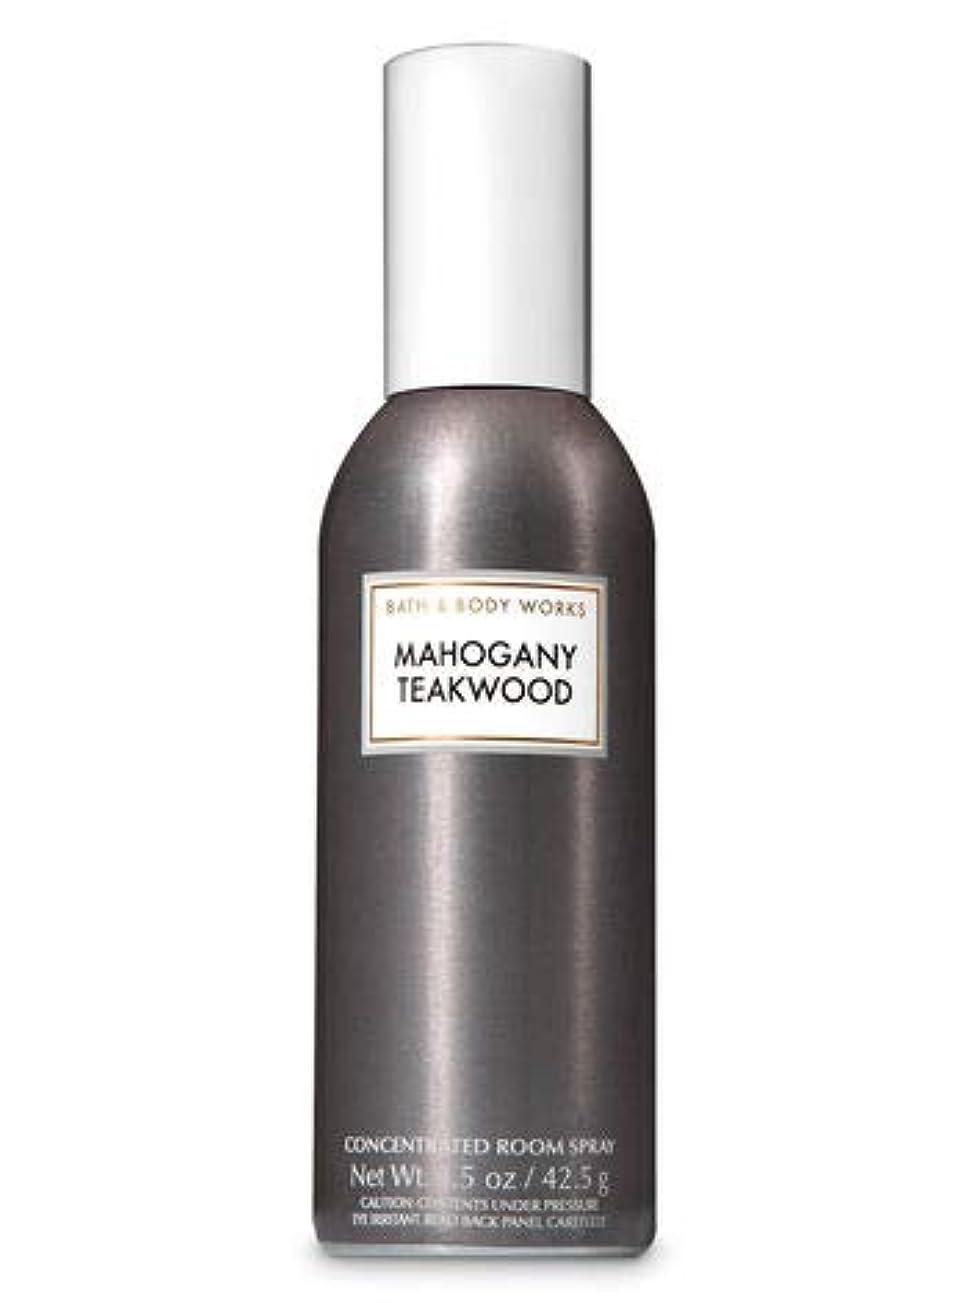 ハンマー講師地図【Bath&Body Works/バス&ボディワークス】 ルームスプレー マホガニーティークウッド 1.5 oz. Concentrated Room Spray/Room Perfume Mahogany Teakwood [並行輸入品]